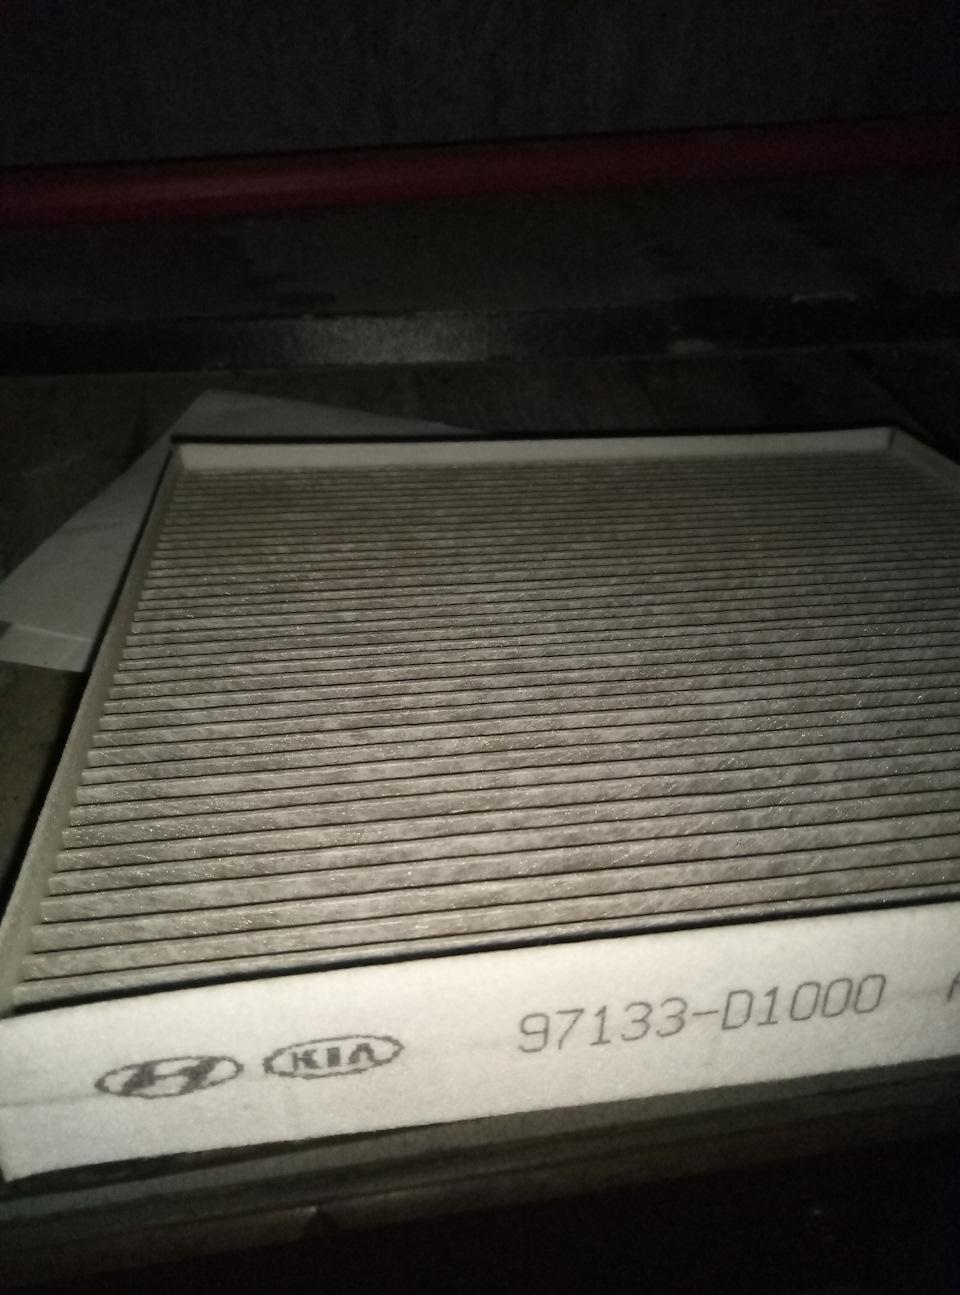 1f03a8ds-960.jpg